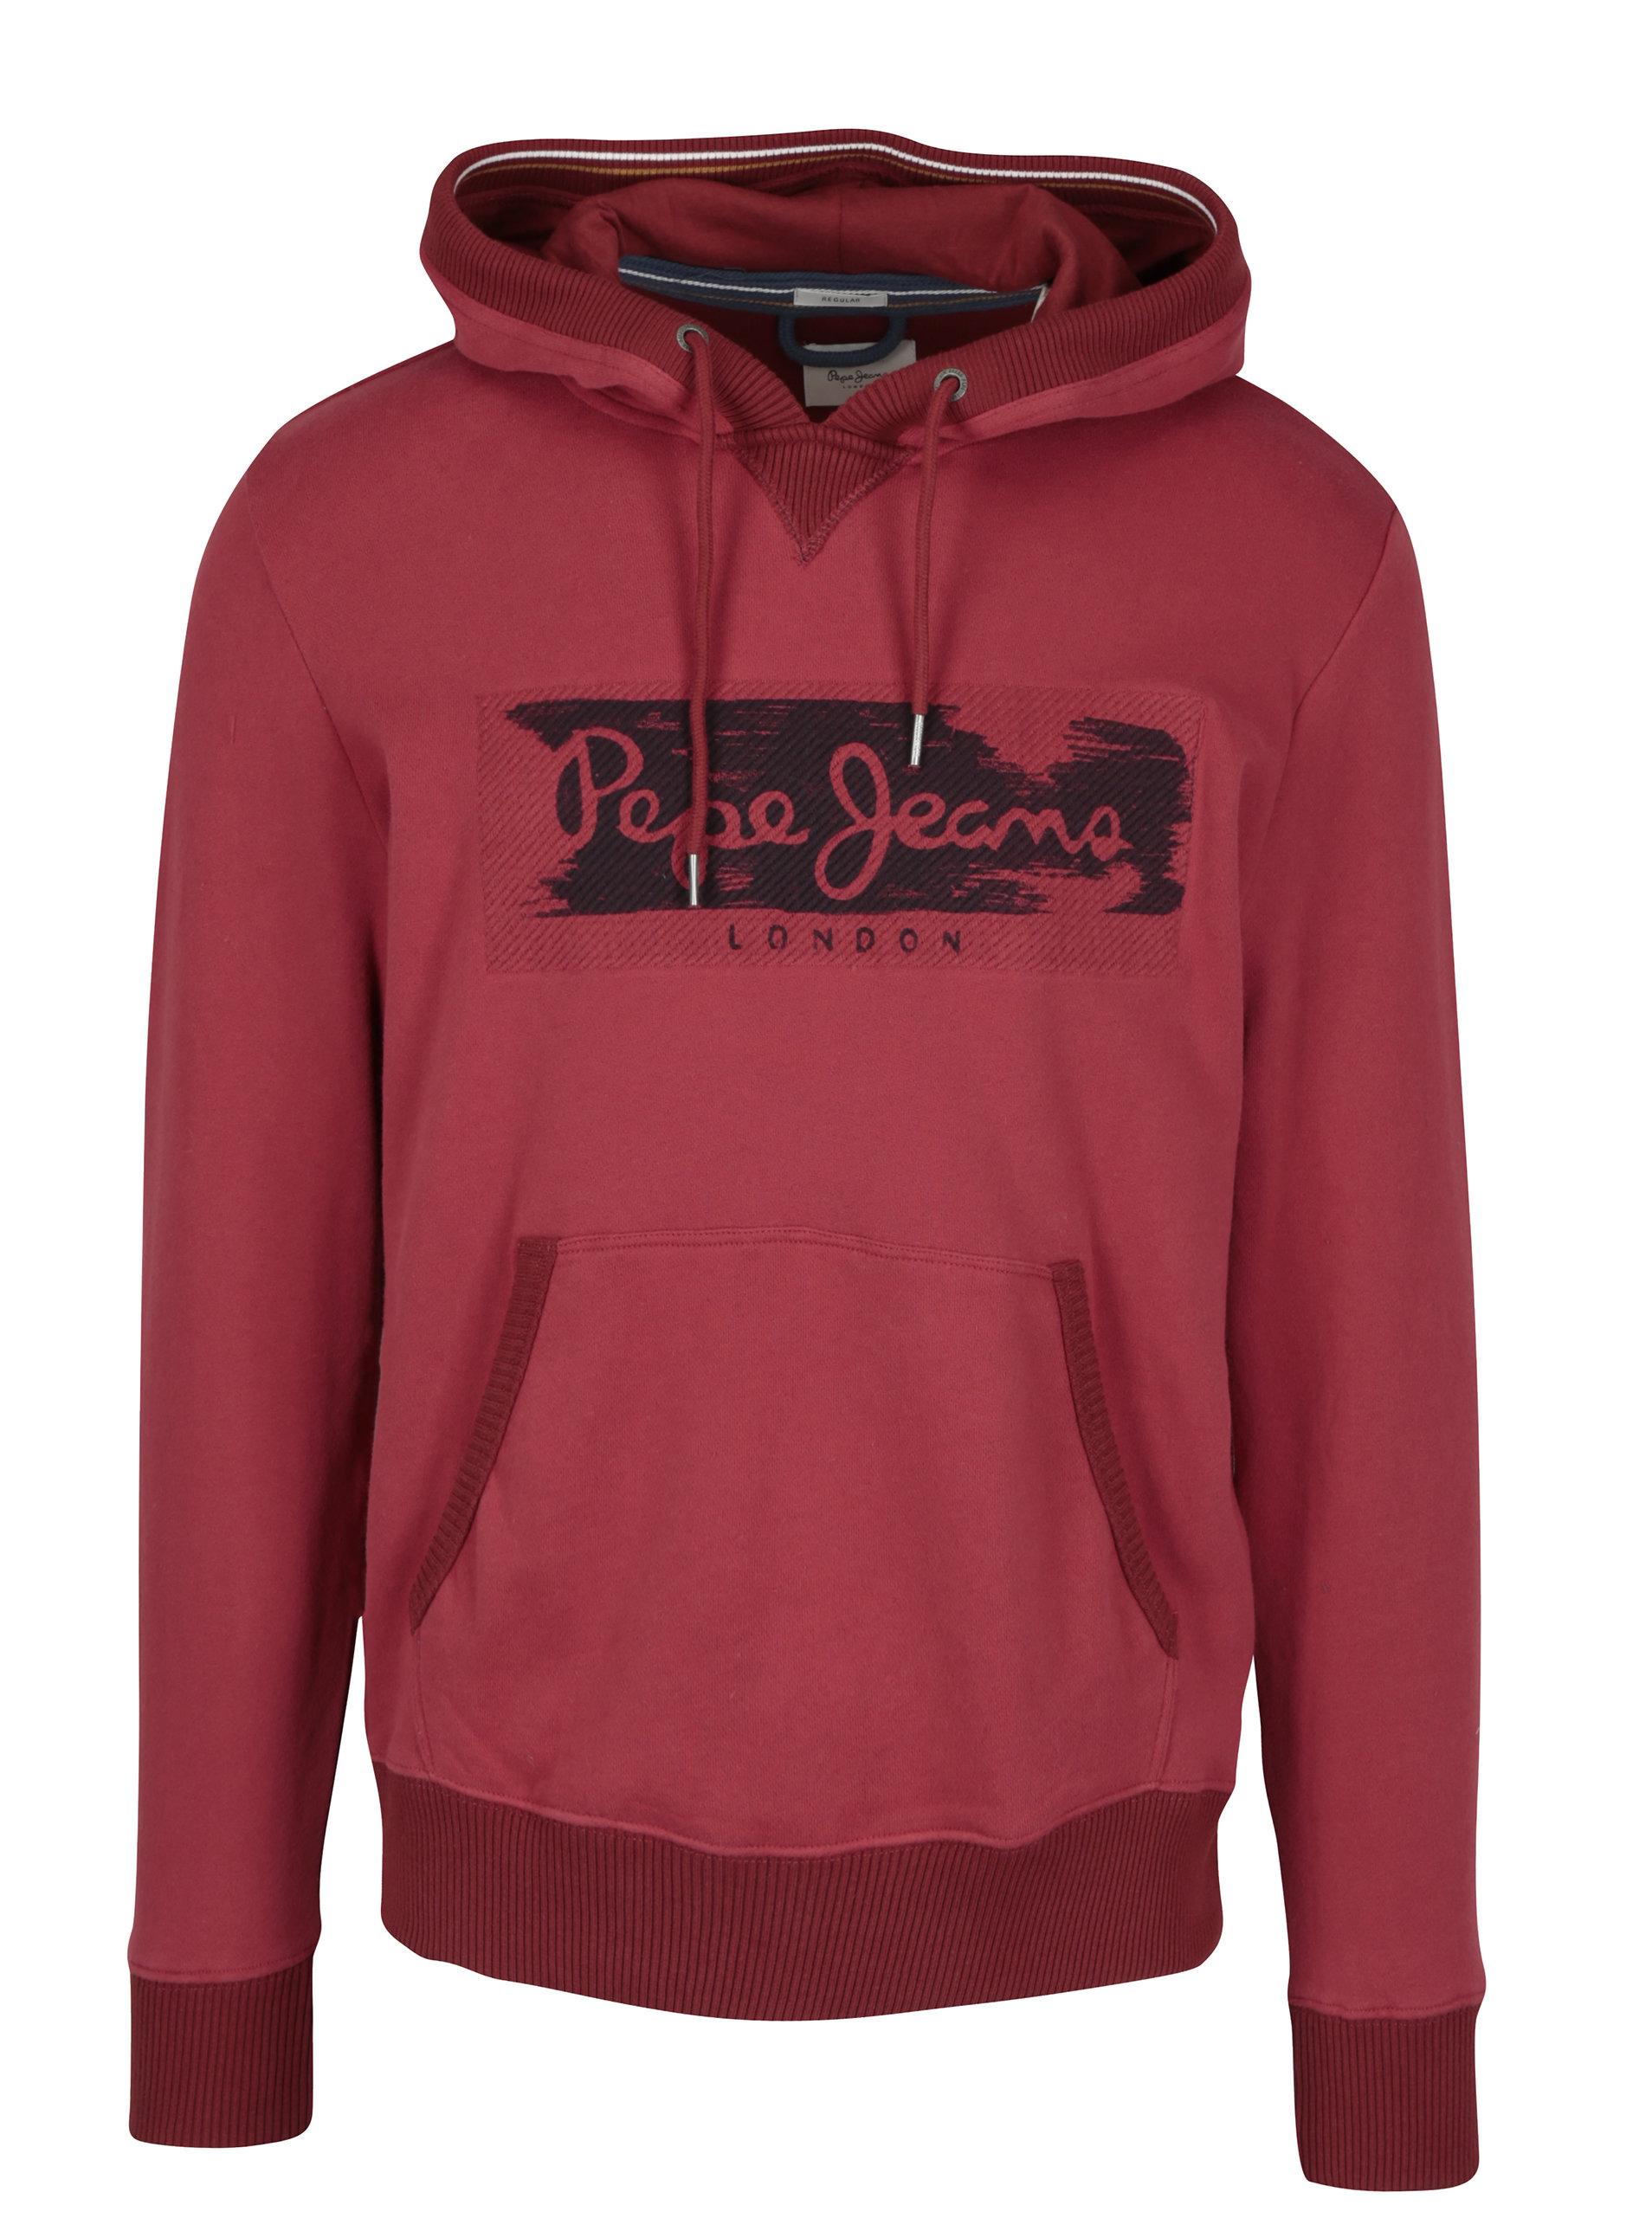 Červená pánská mikina s výšivkou a kapucí Pepe Jeans WOODWARD ... da42193c2a